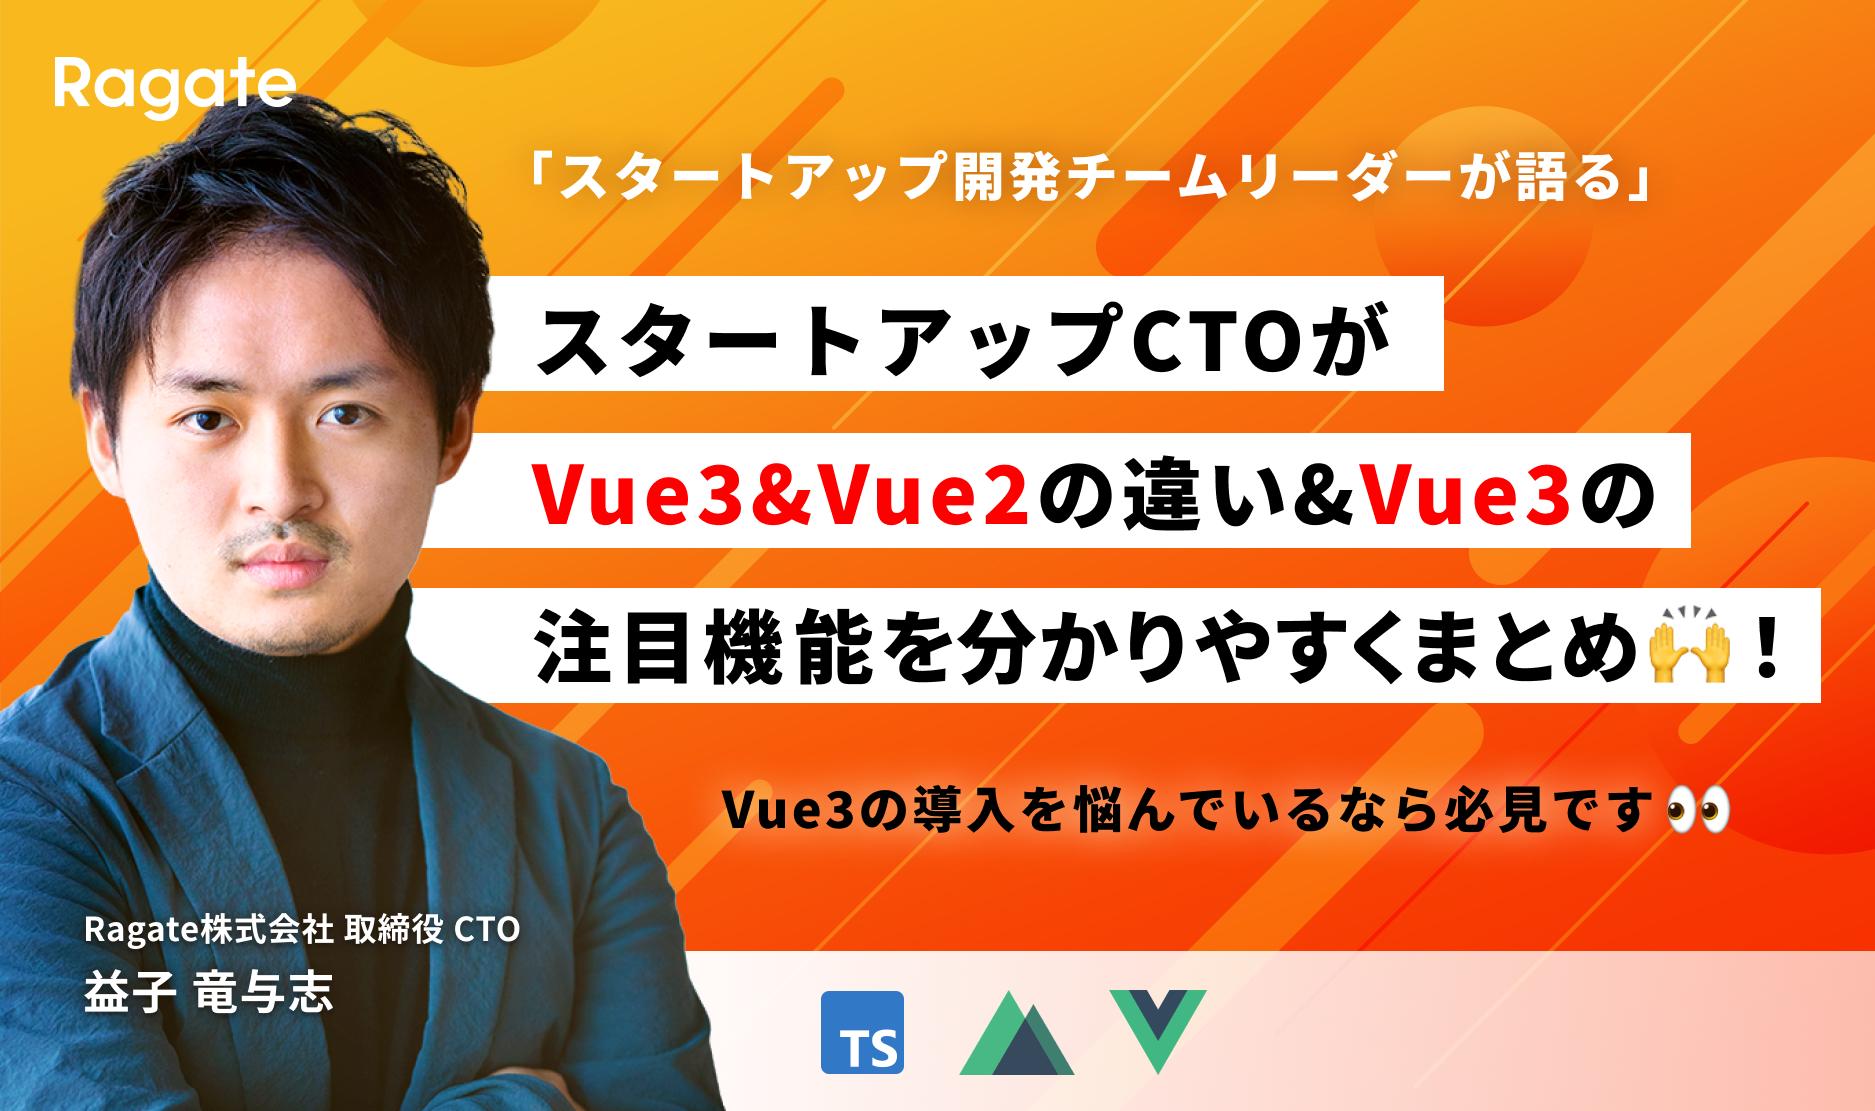 スタートアップCTOがVue3とVue2の違い・Vue3の注目機能を分かりやすくまとめ🙌!Vue3の導入を悩んでいるなら必見です👀